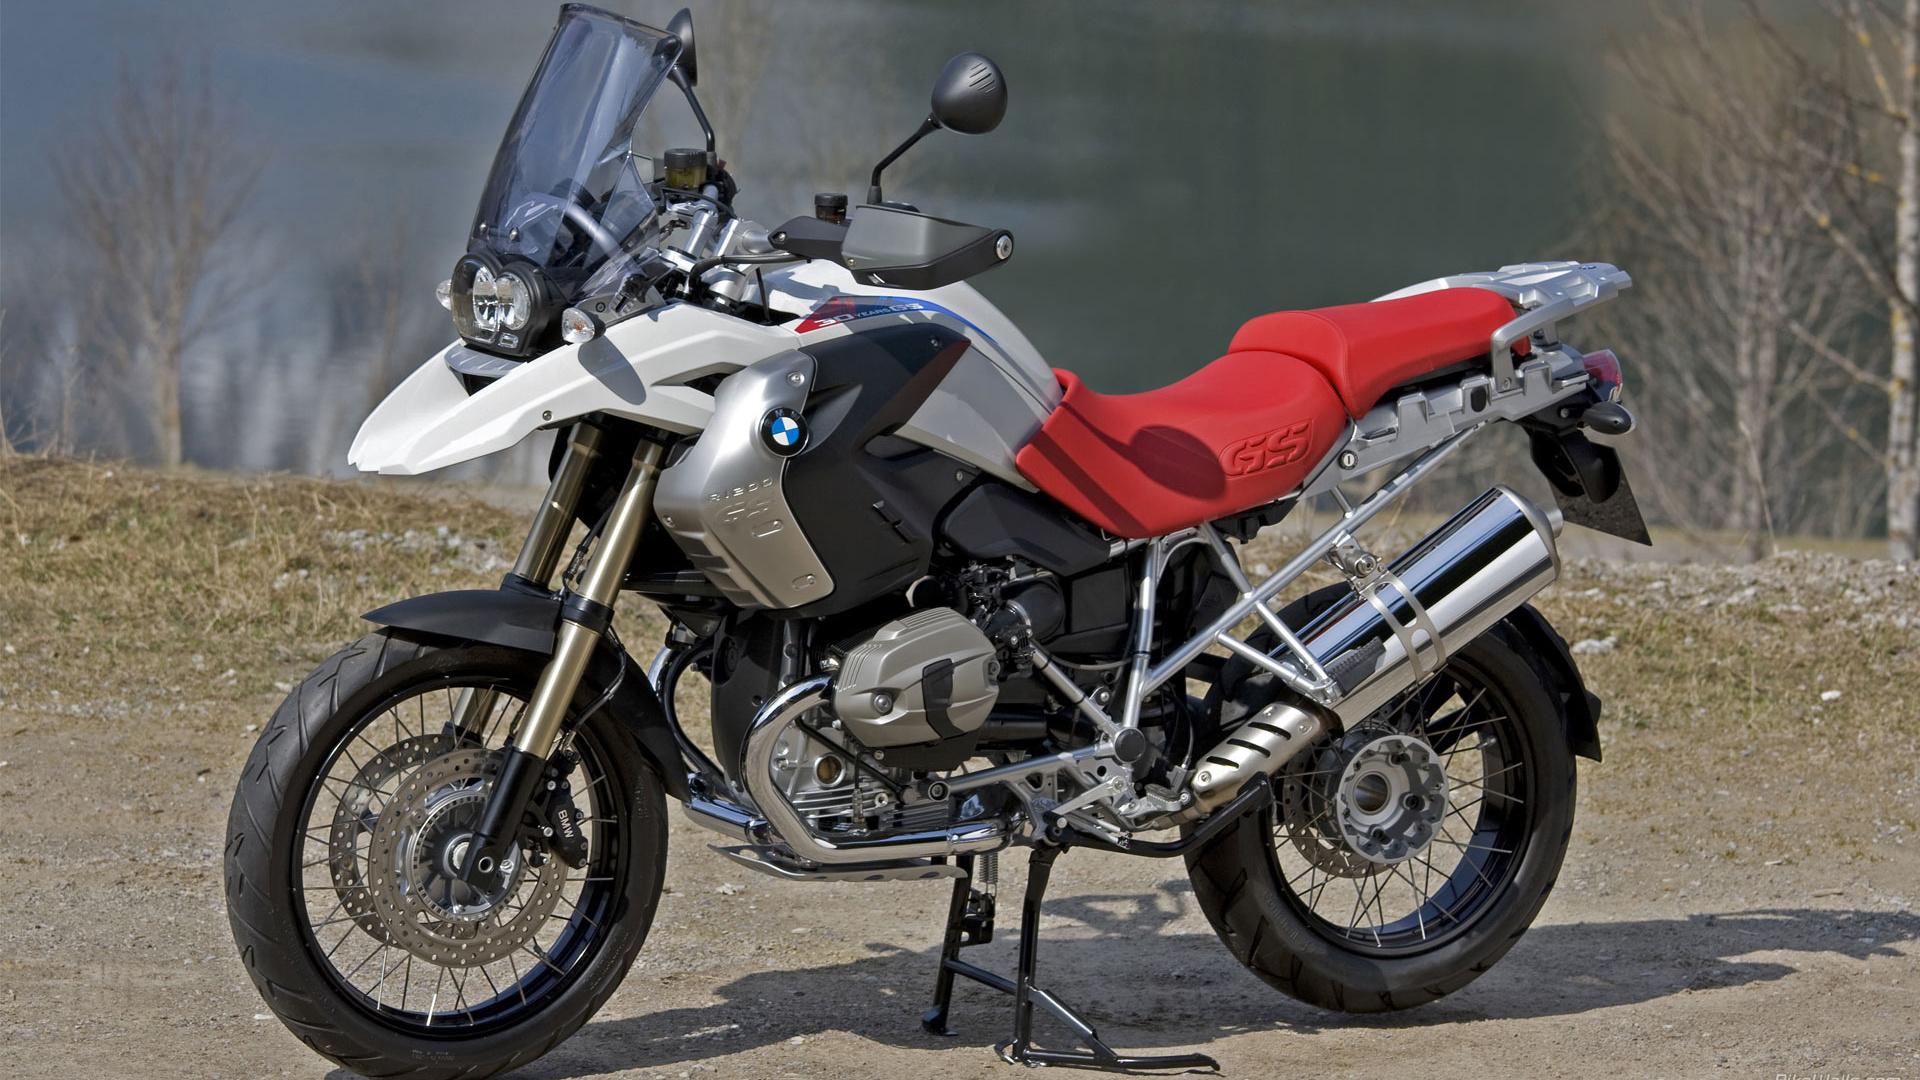 bmw, enduro - funduro, f 1200 gs, f 1200 gs 2010, мото, мотоцикл